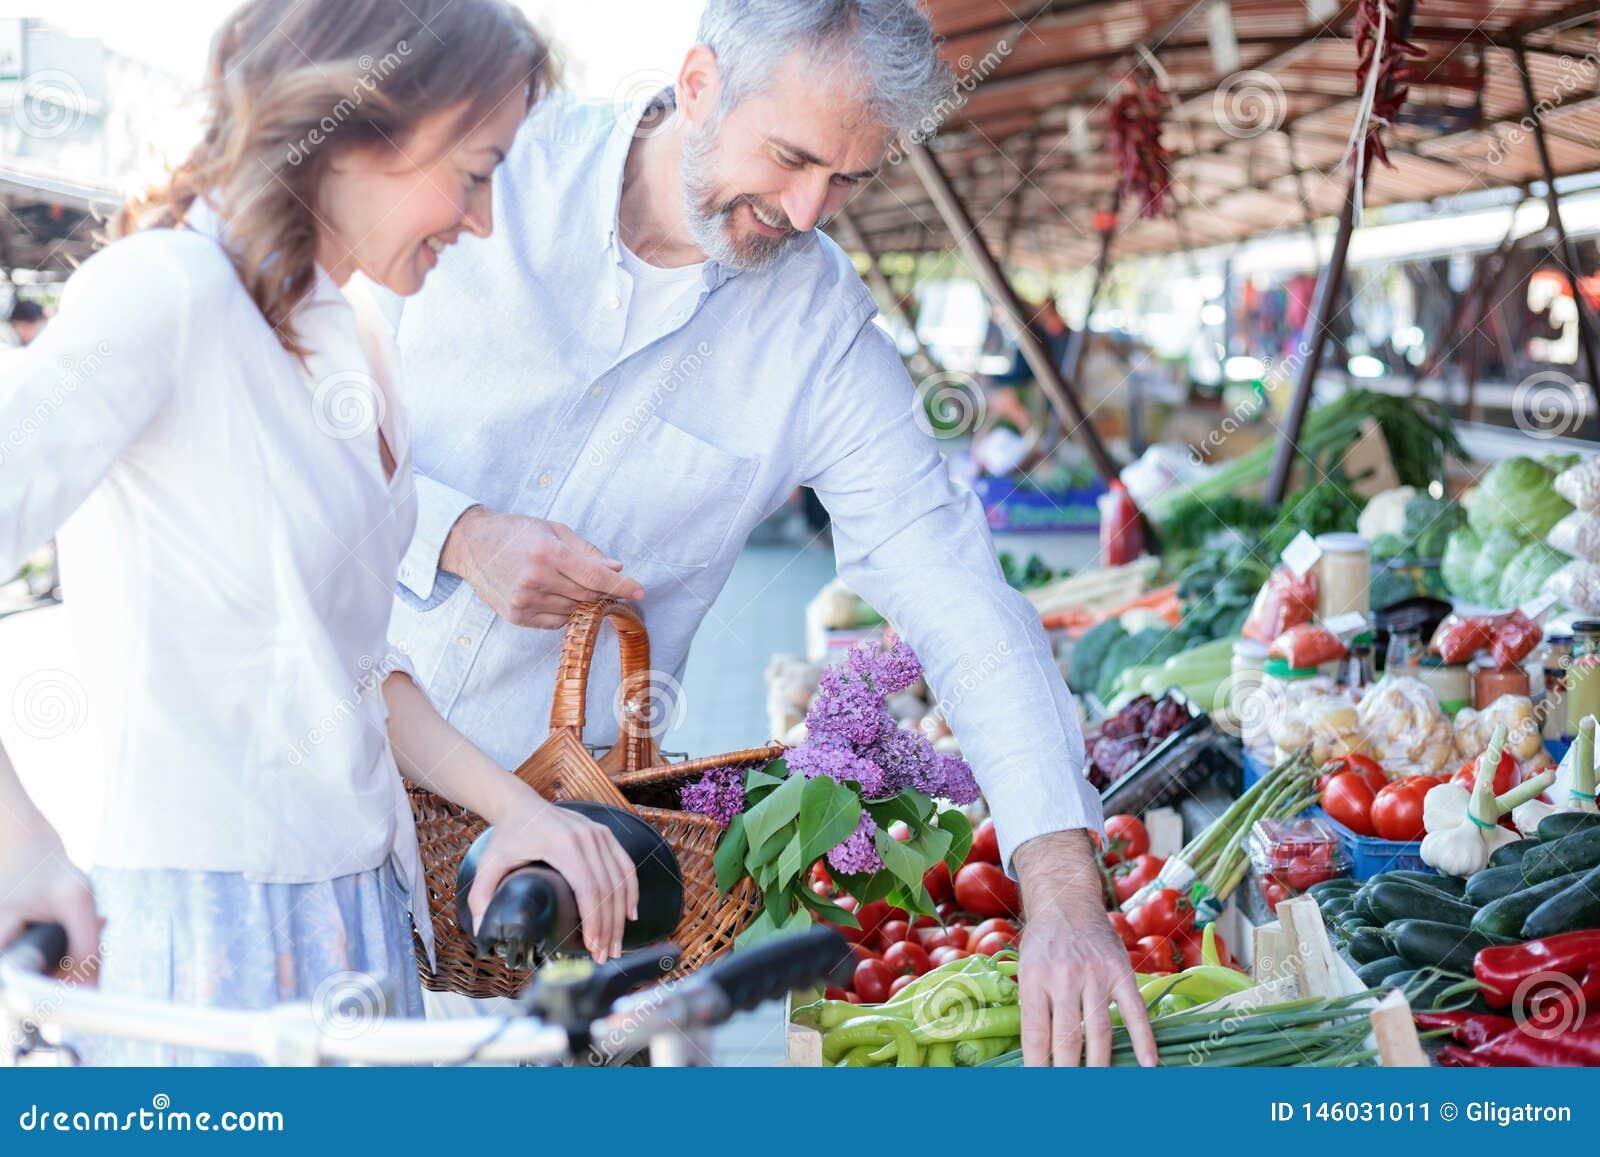 Lycklig le make- och frushopping för livsmedel och ny mat i en marknadsplats